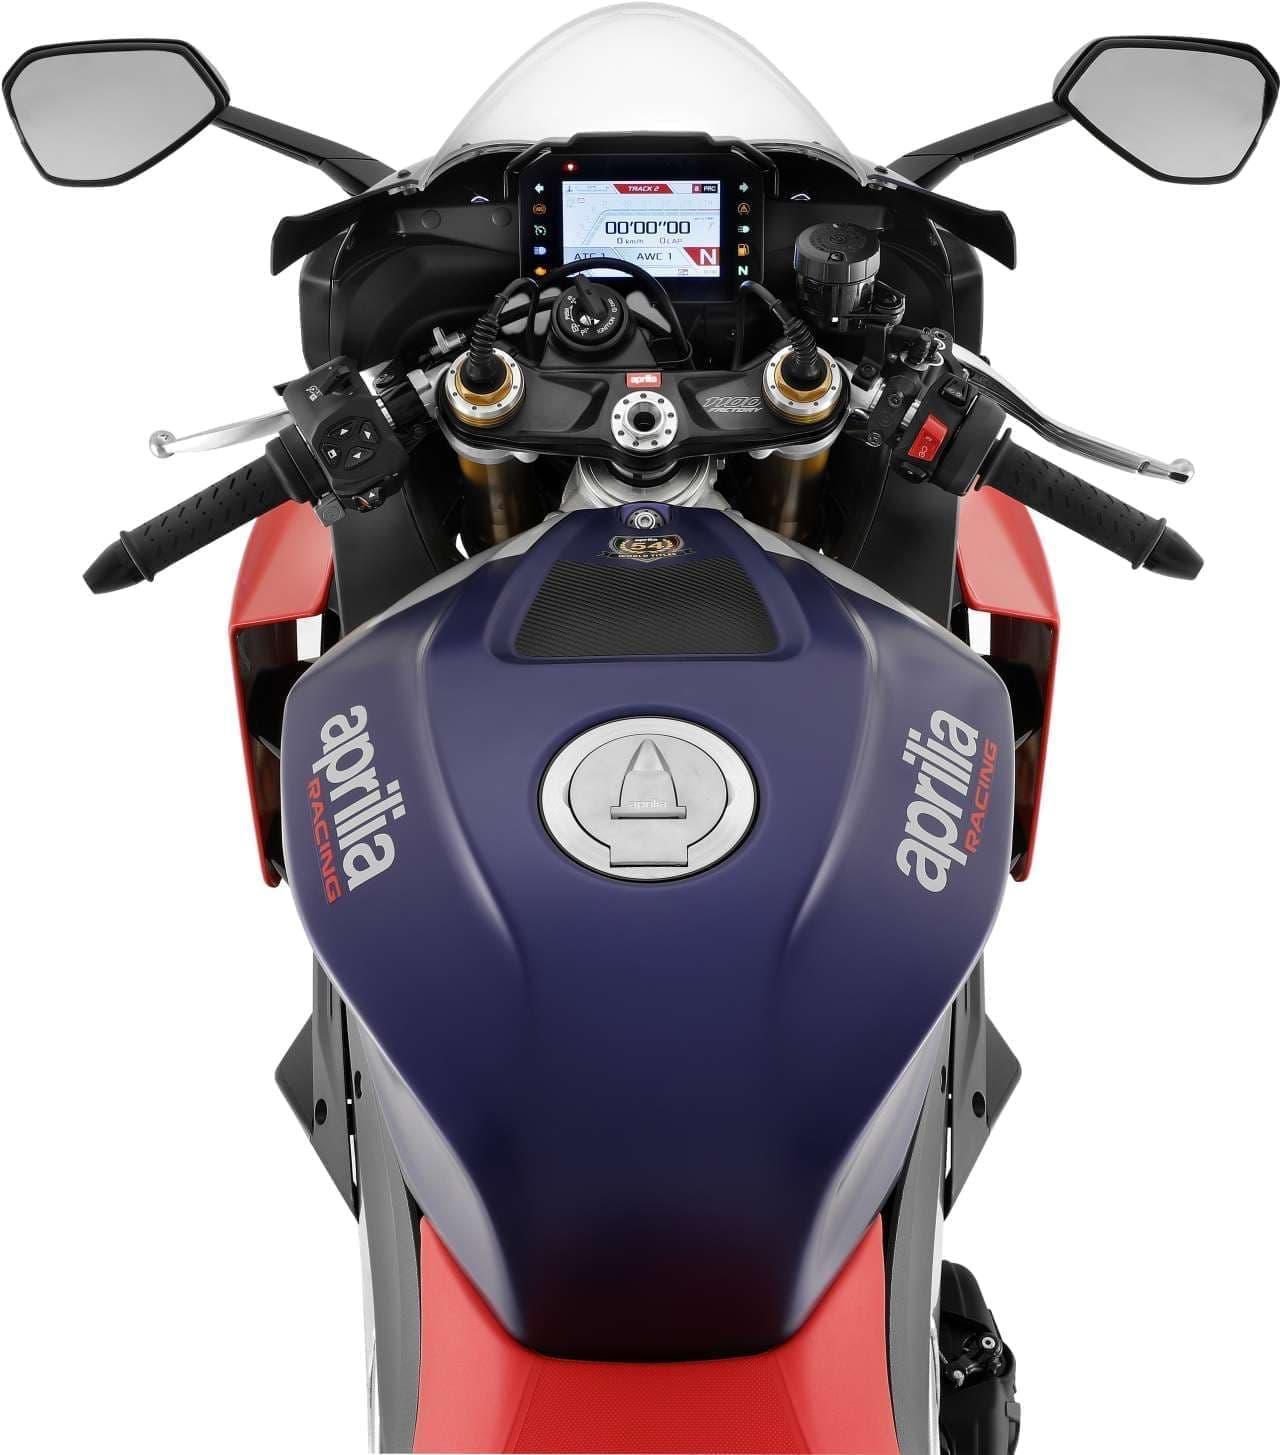 羽根付きバイク!アプリリア 新型「RSV4 Factory」受注開始